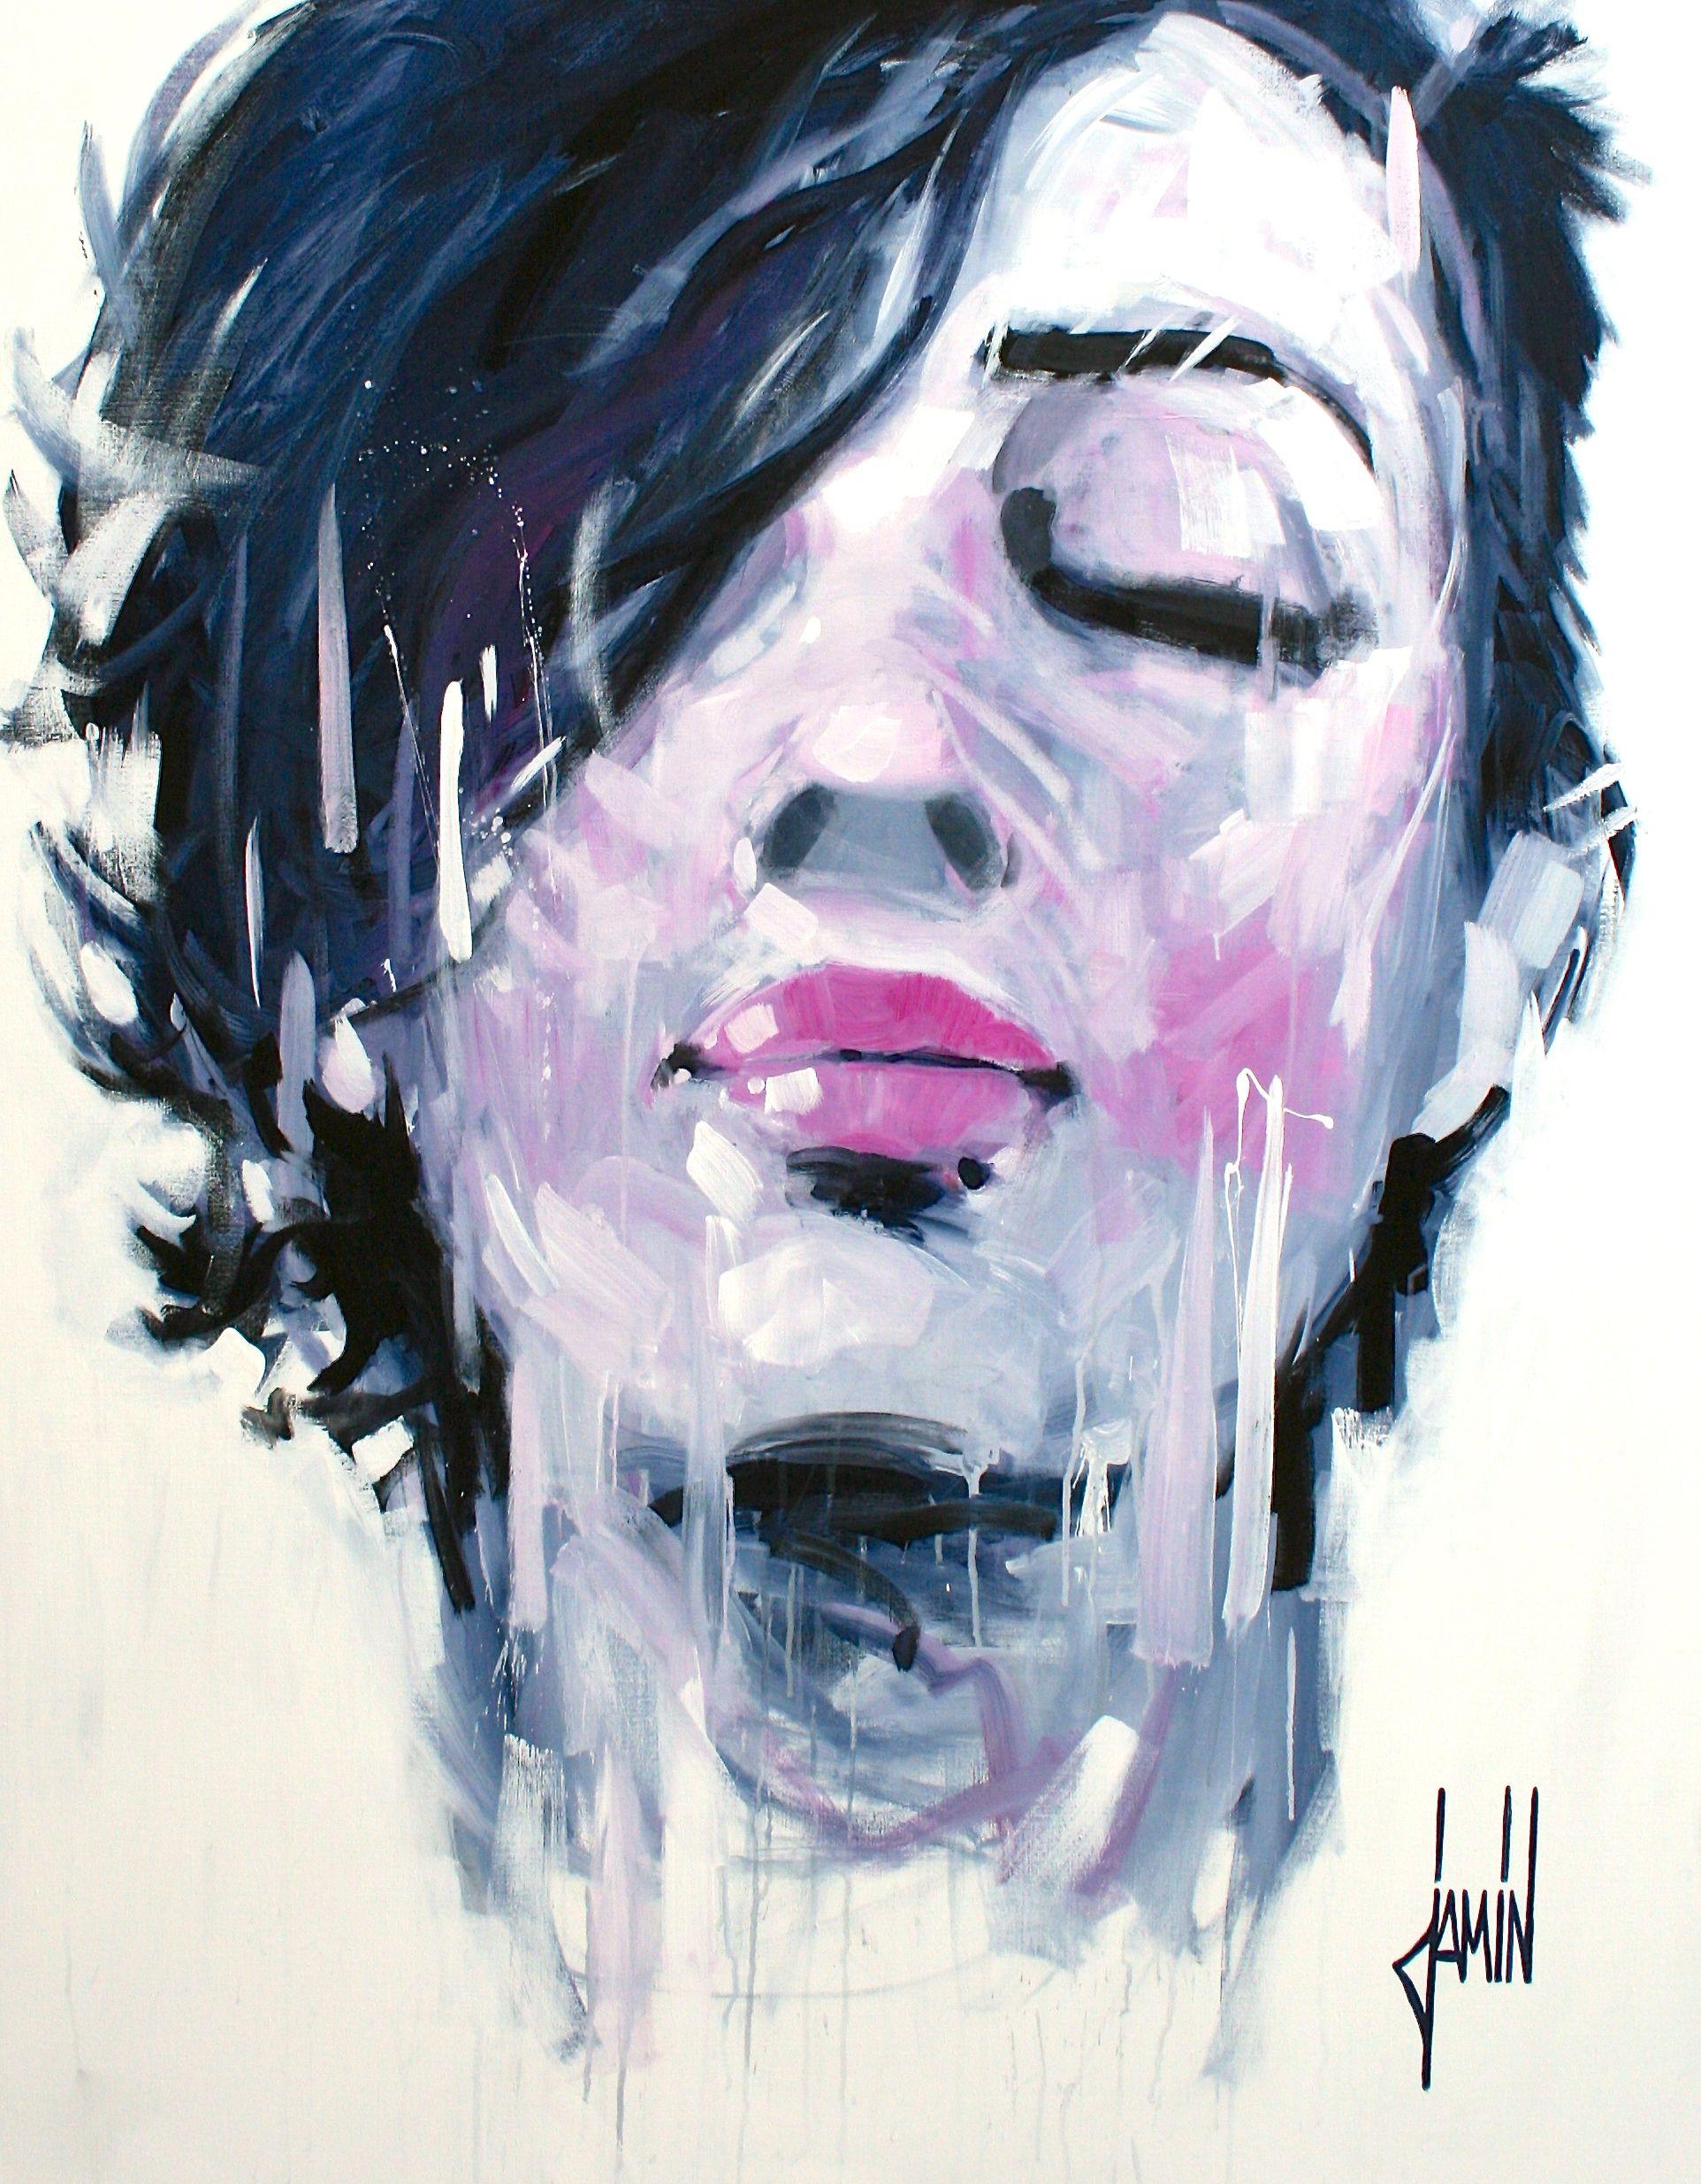 Site Des Artistes Peintres site de david jamin, artiste peintre à uzès (30) | artiste